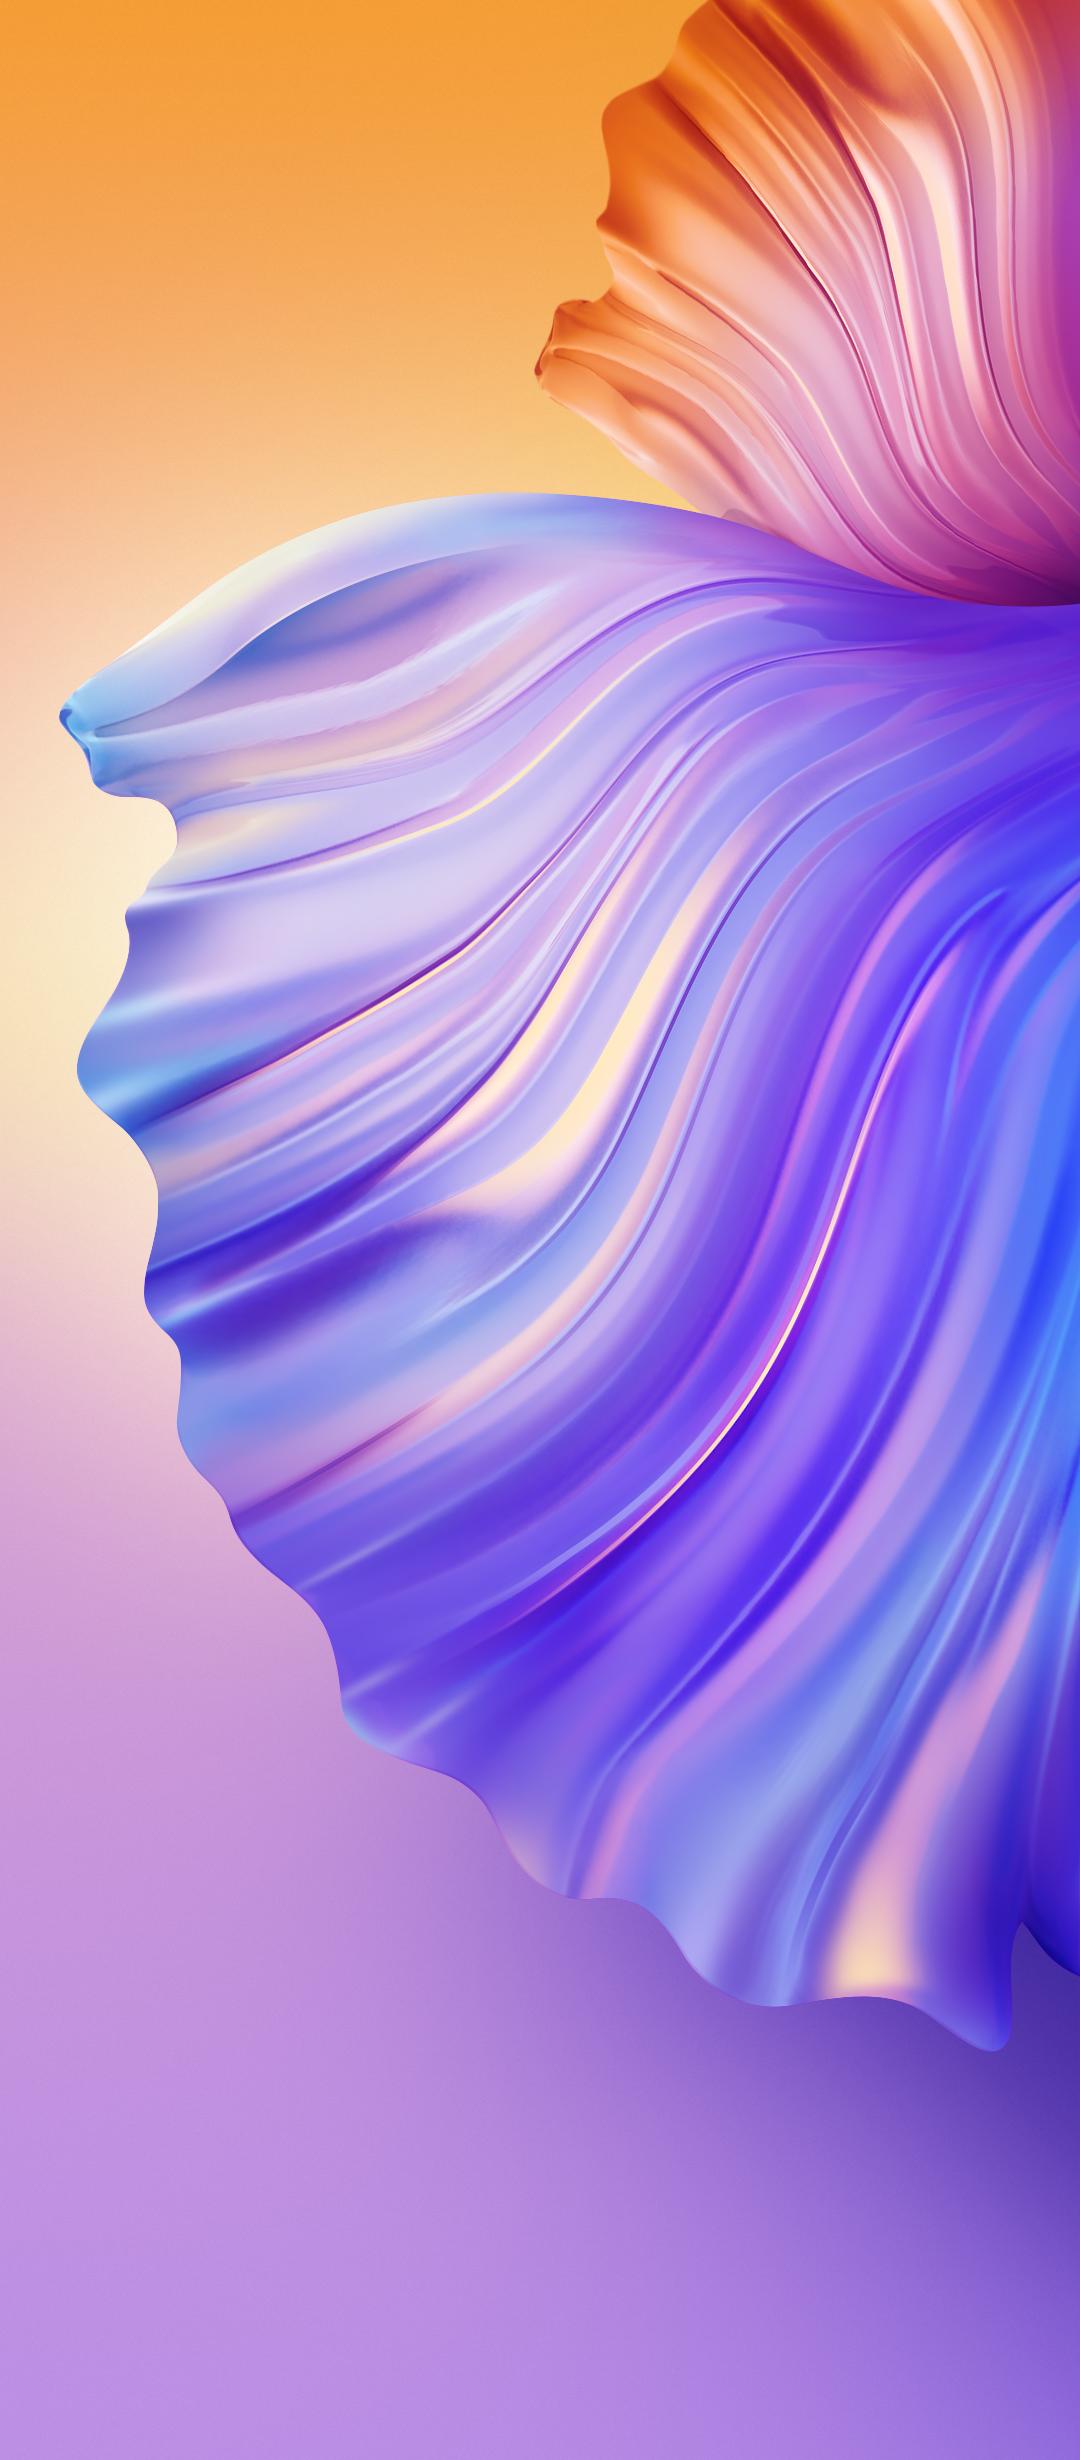 خلفيات Tecno Camon 16 الاصلية خلفيات جوال جميلة Art Wallpaper Iphone Abstract Wallpaper Backgrounds Stock Wallpaper